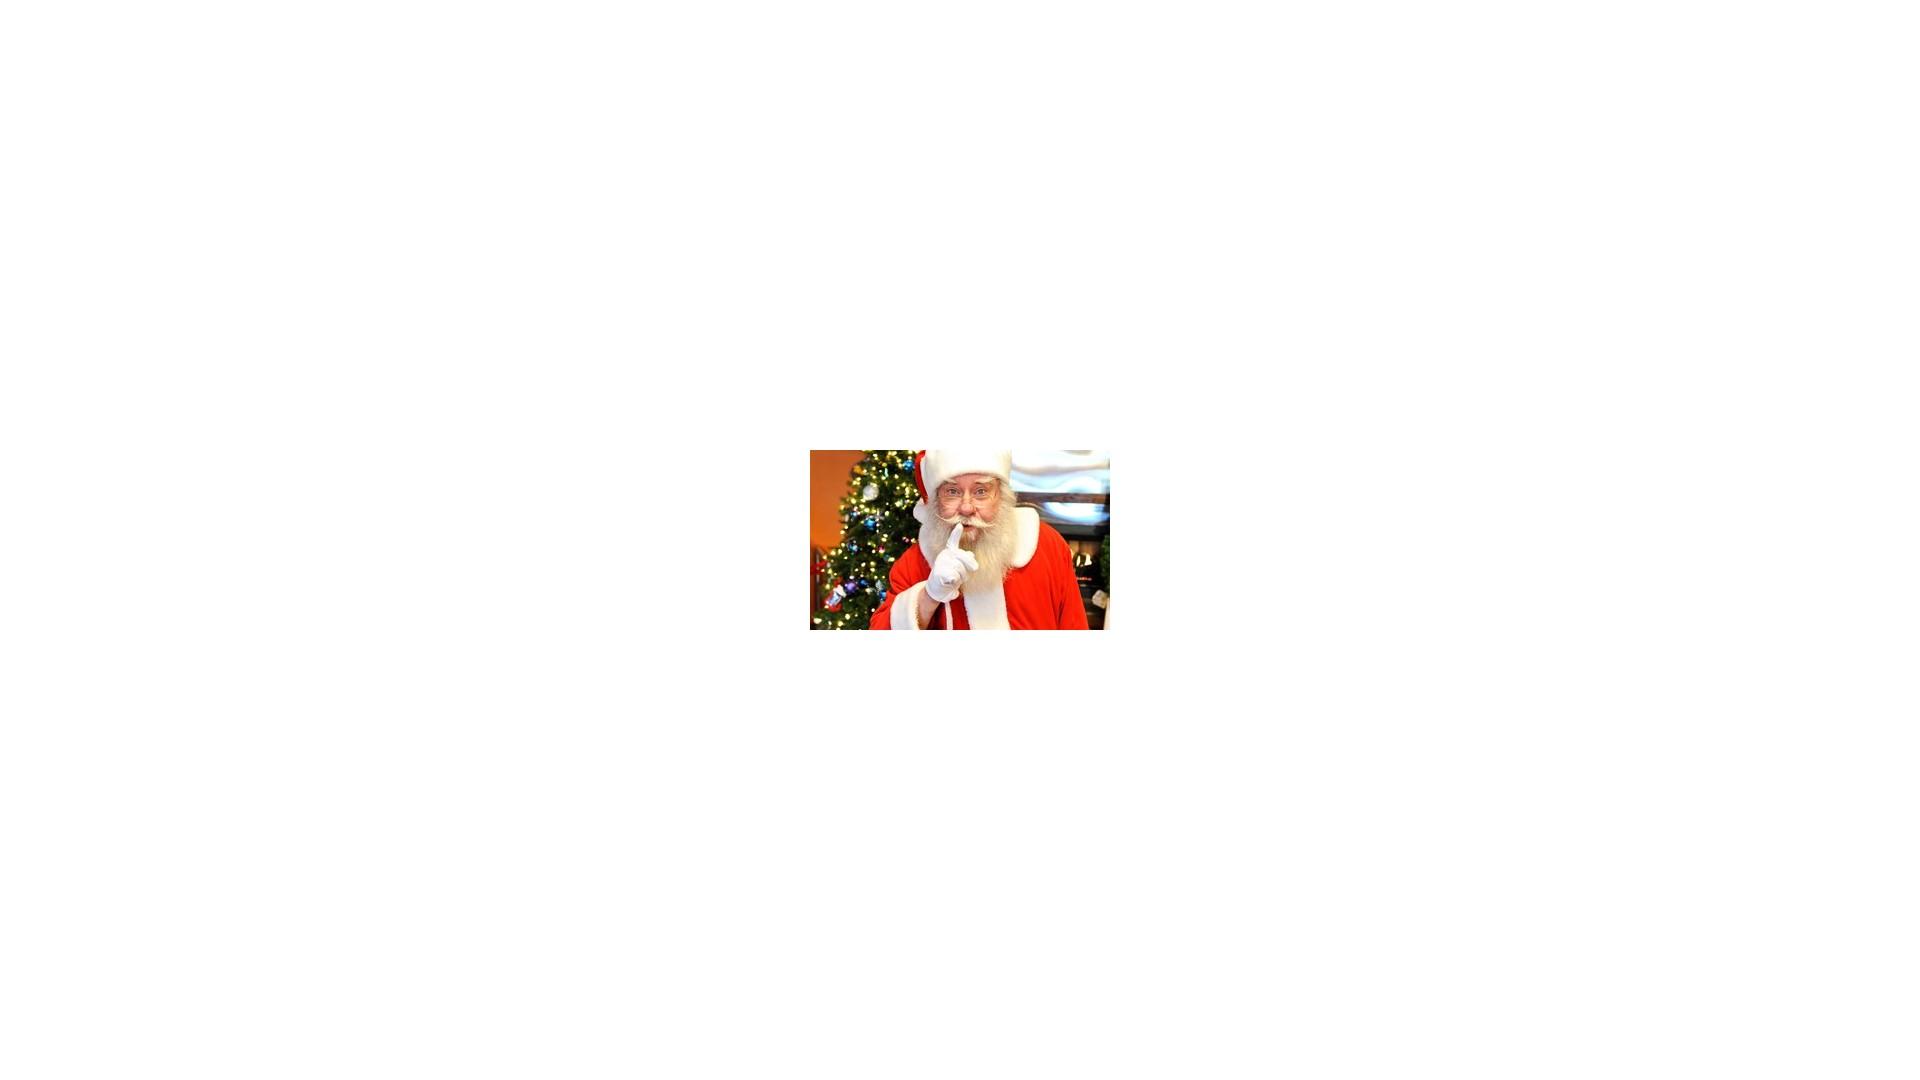 Święta i specjalne okazje | akcesoria i dodatki  - wysyłka w 24h